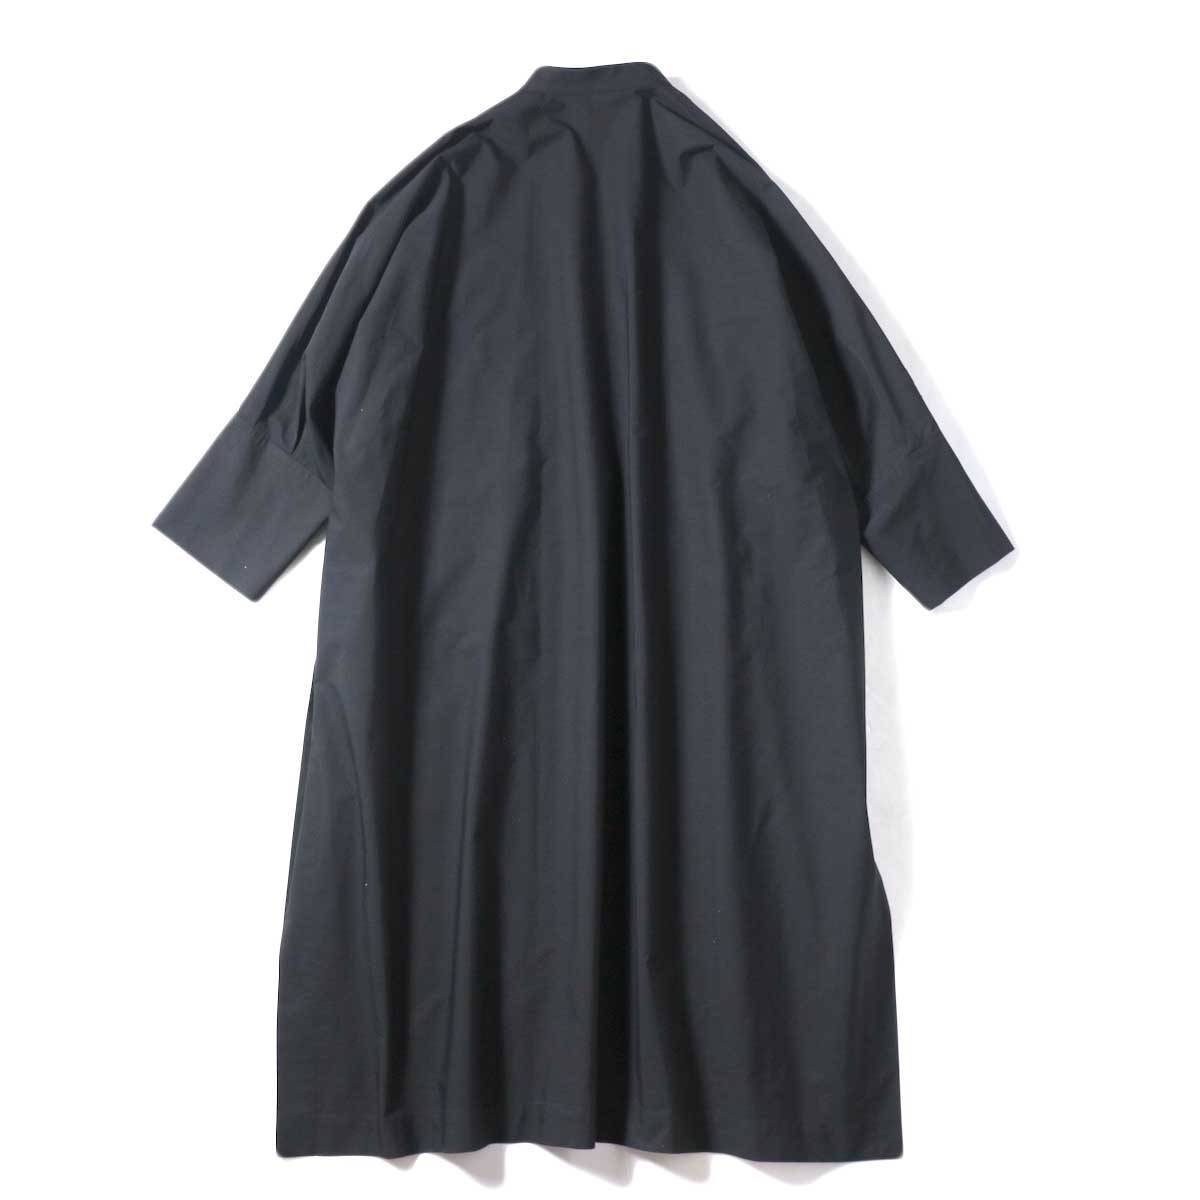 YLEVE / COTTON TYPEW RITER LONG KAFTAN SHIRT (Black) 背面